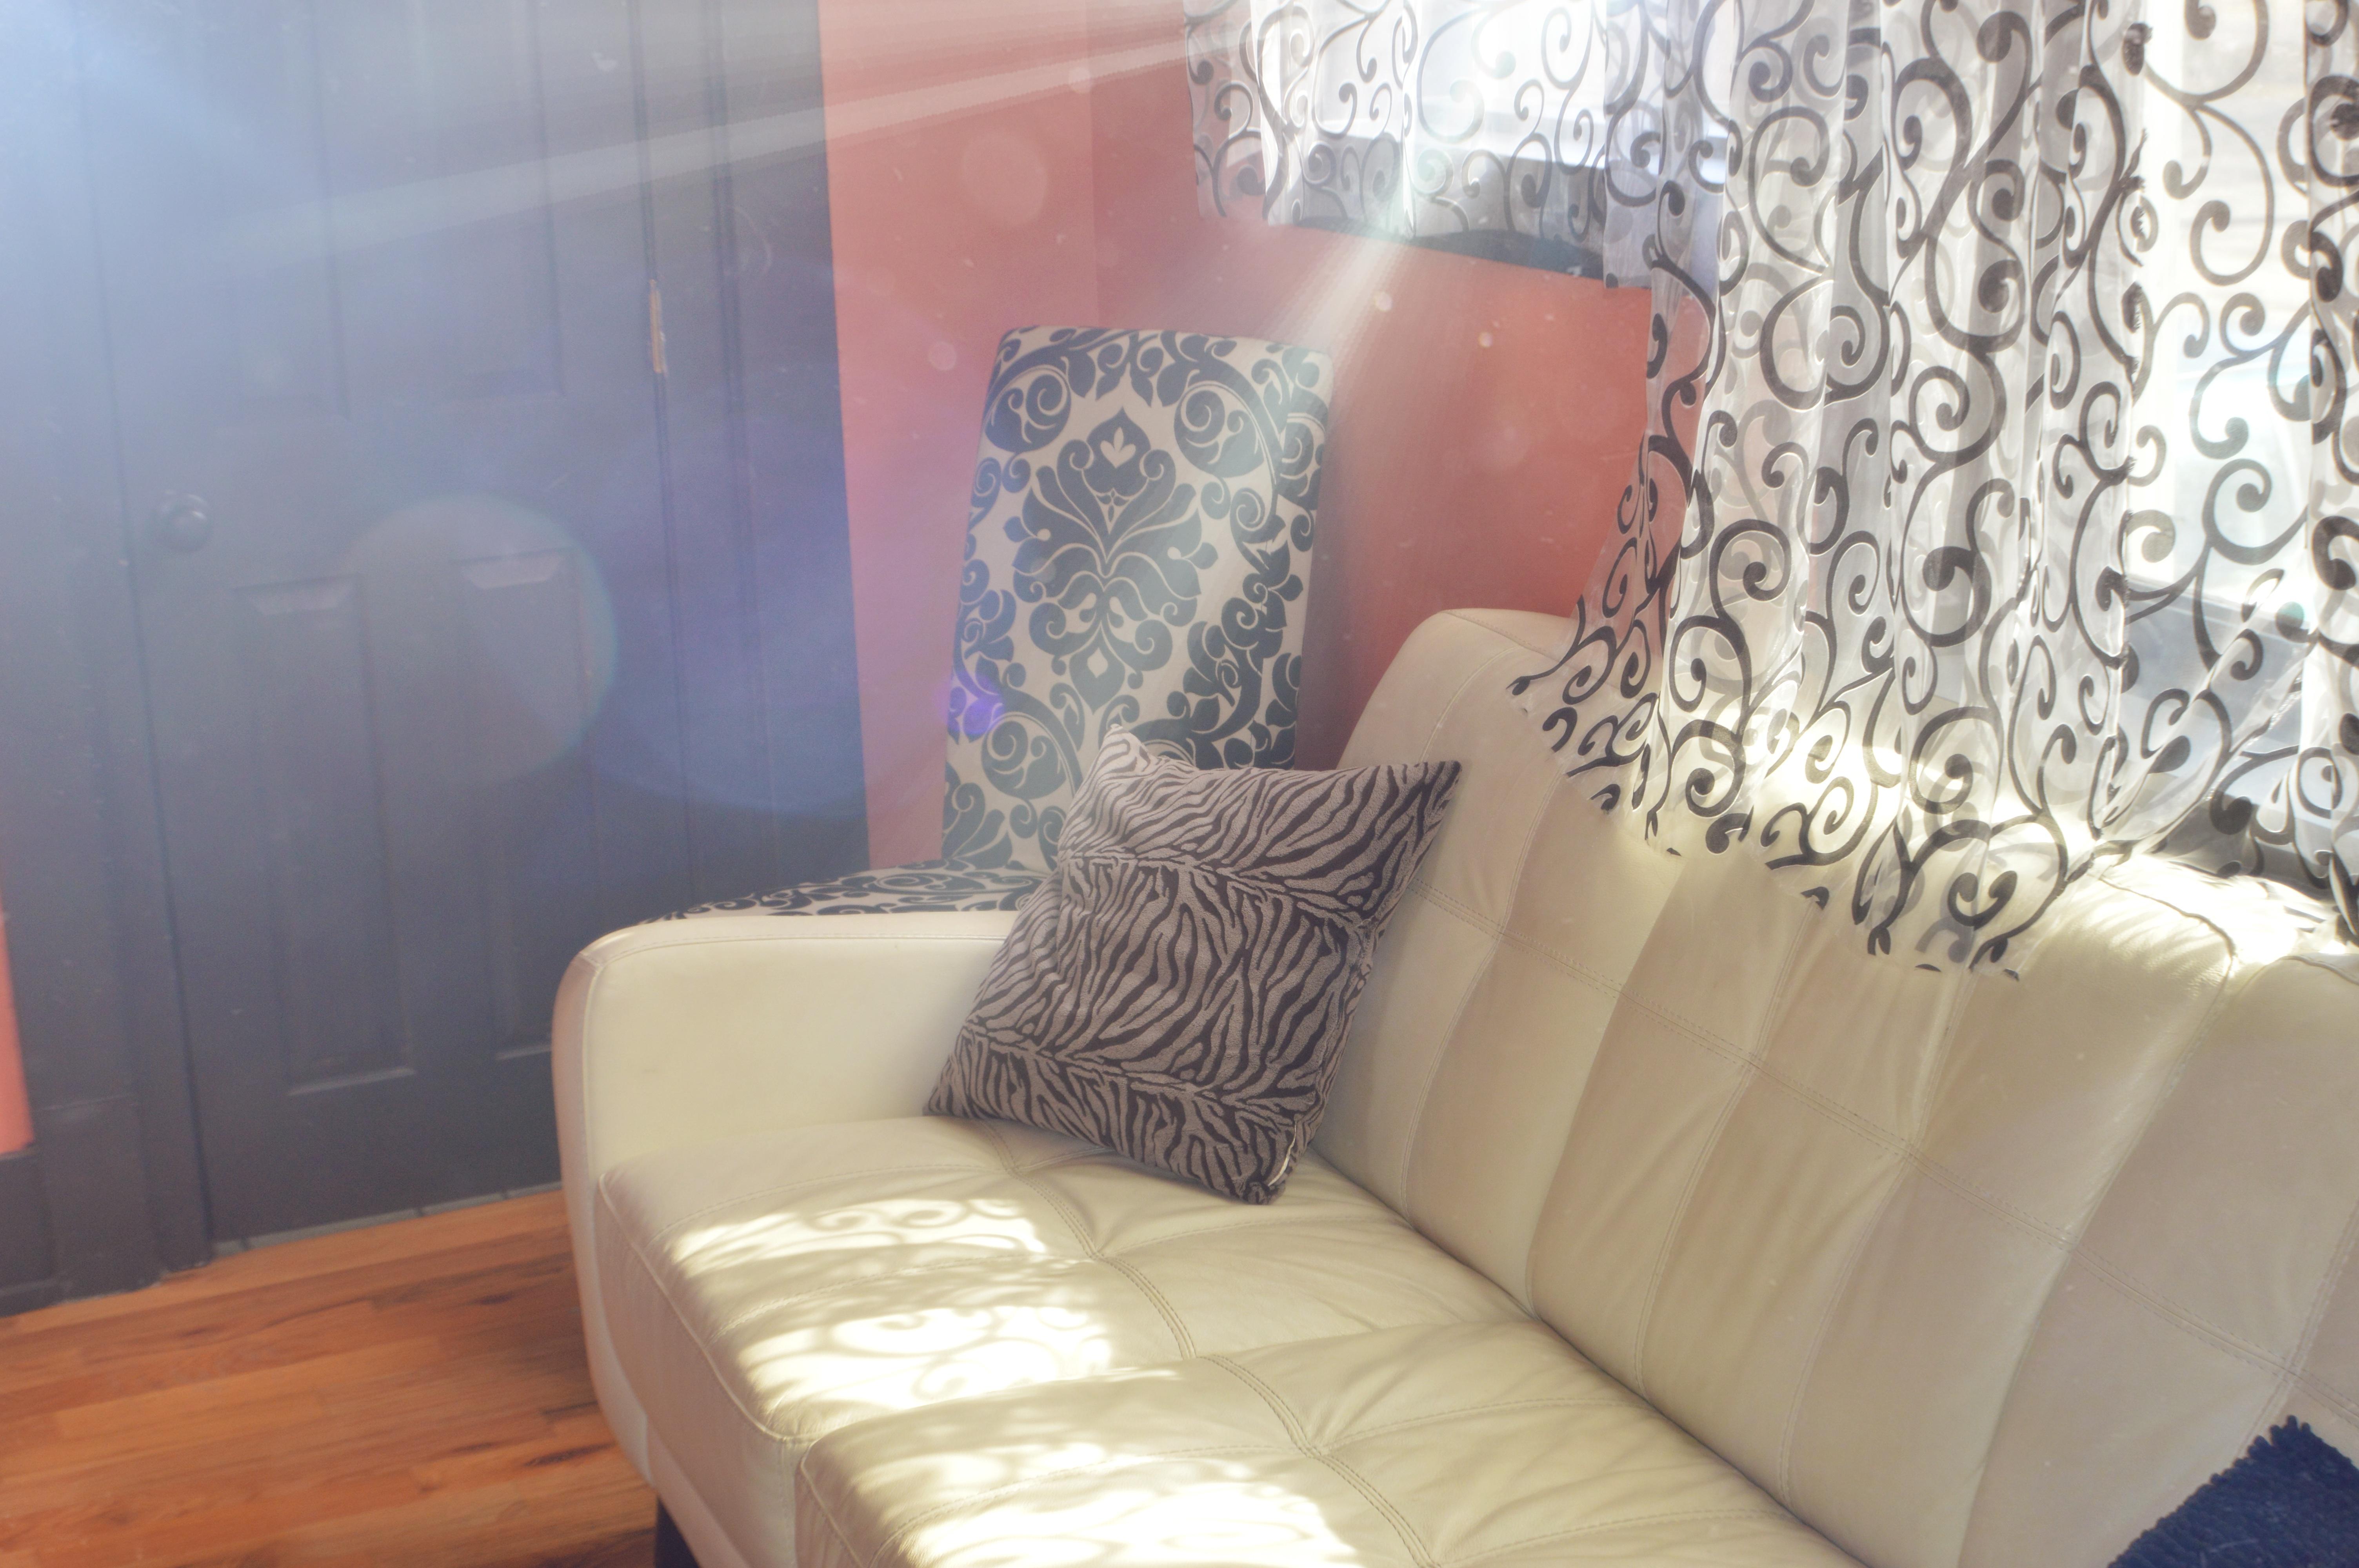 Gambar Ruang Keluarga Mebel Kamar Desain Interior Tempat Tidur